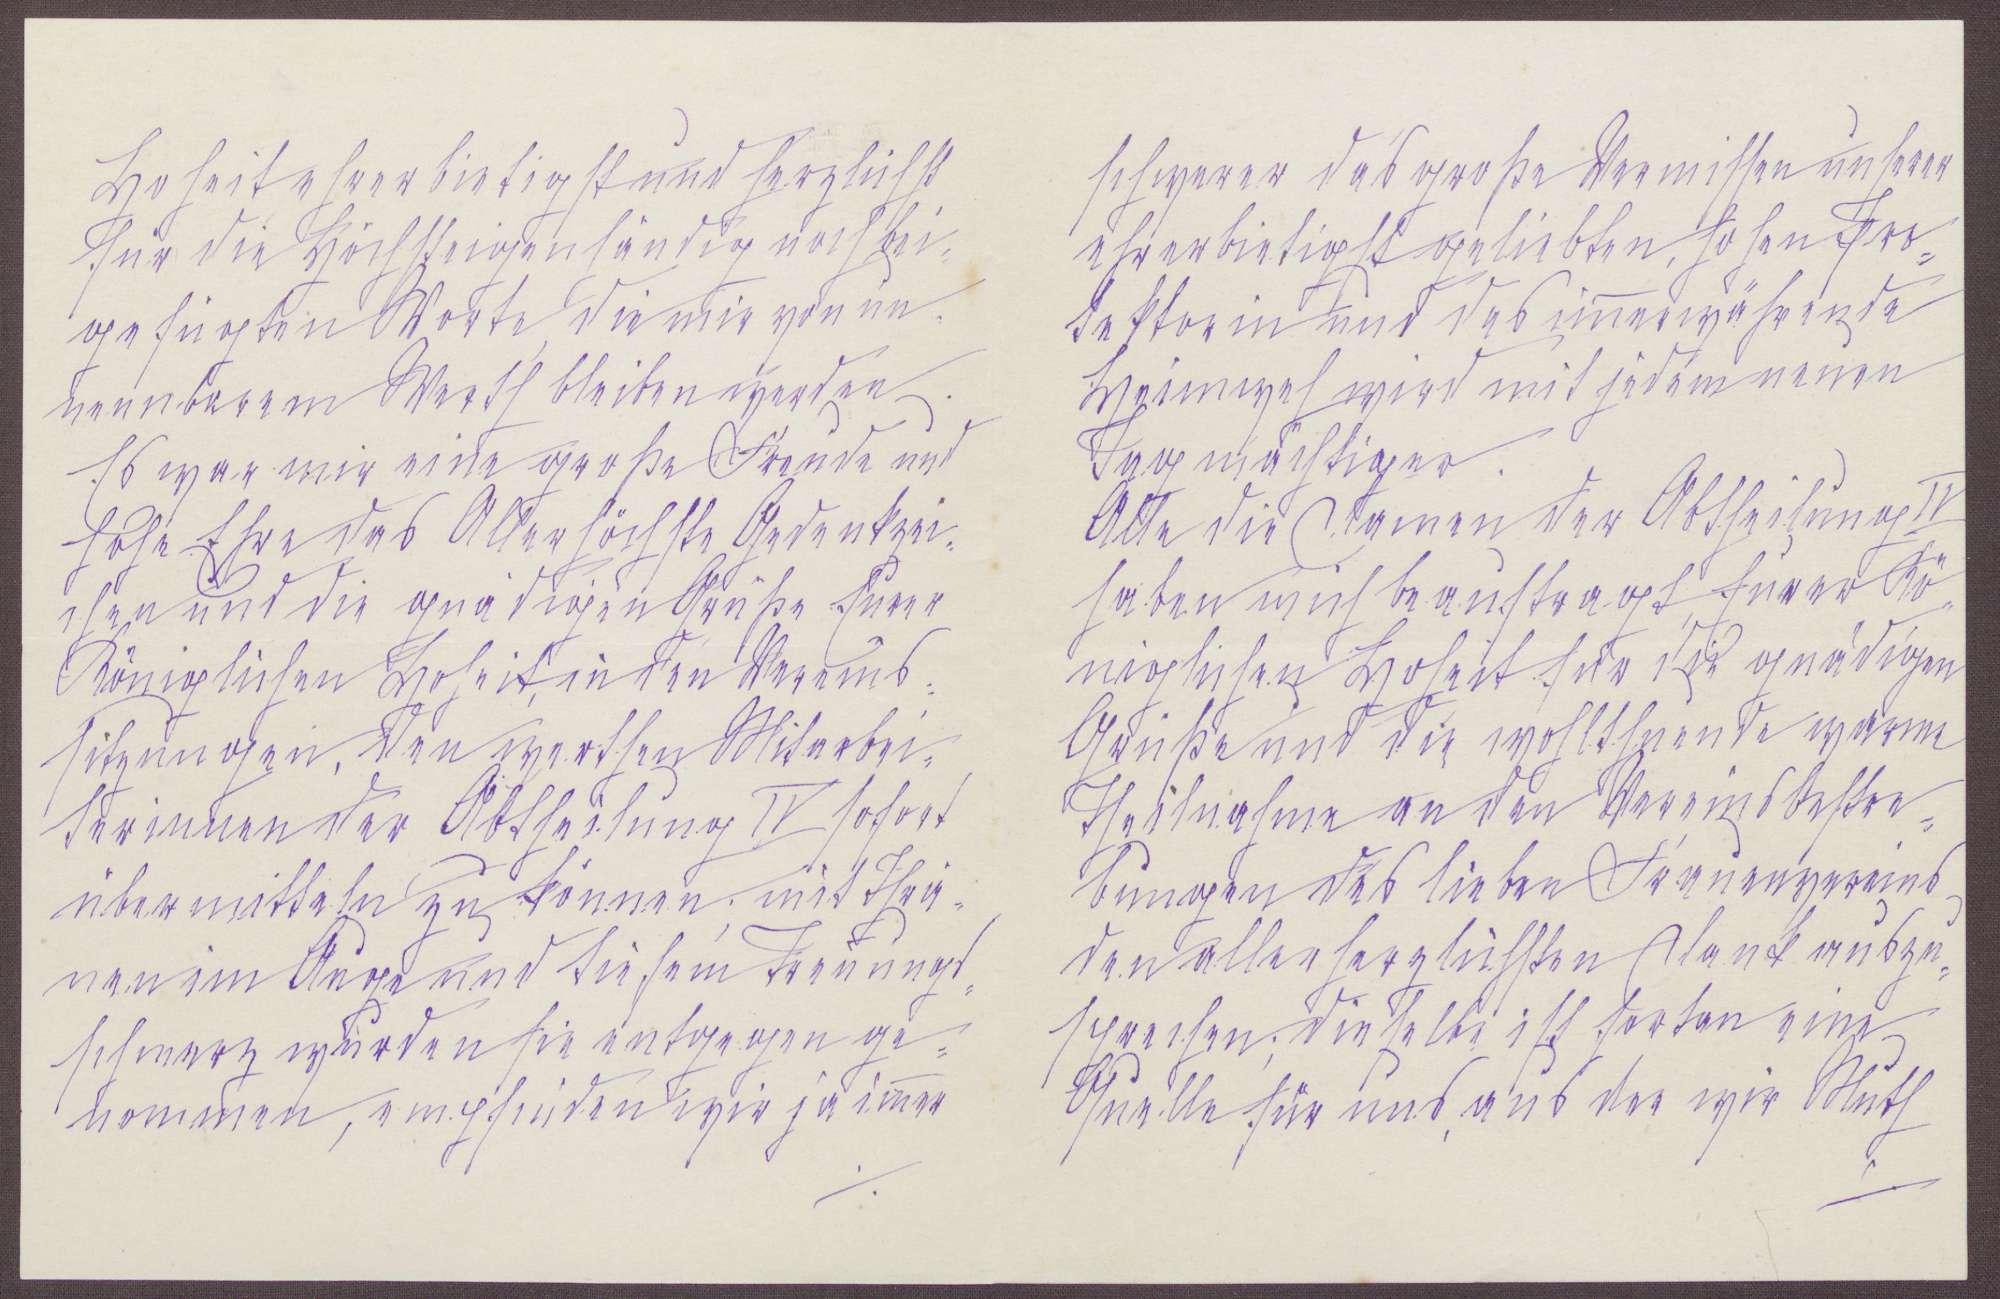 Schreiben von Anna Haas an die Großherzogin Luise; Leben mit knappen Nahrungsmittelrationen und der Zwang zum Sparen von Holz und Kohle; Frage der Unterhaltung einzelner Schulen, Bild 2